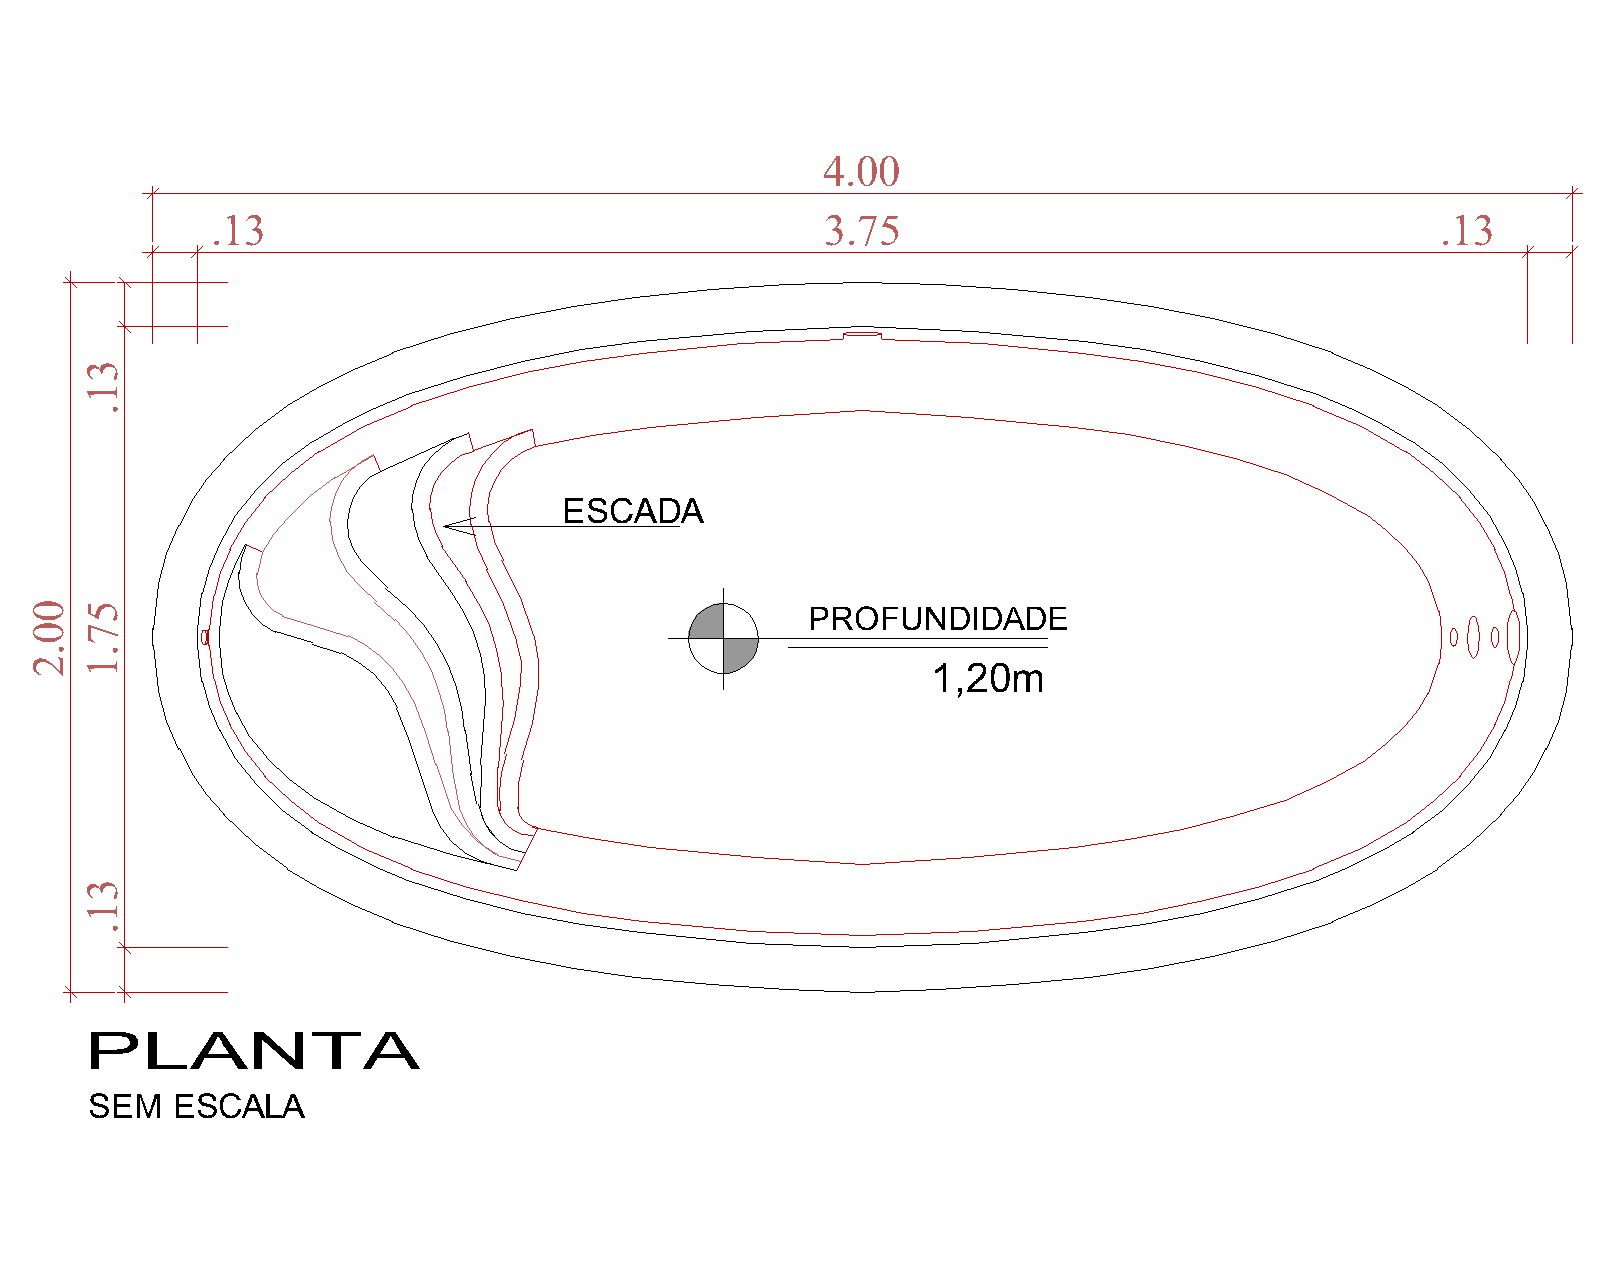 Desenho técnico Atenas (sem escala)